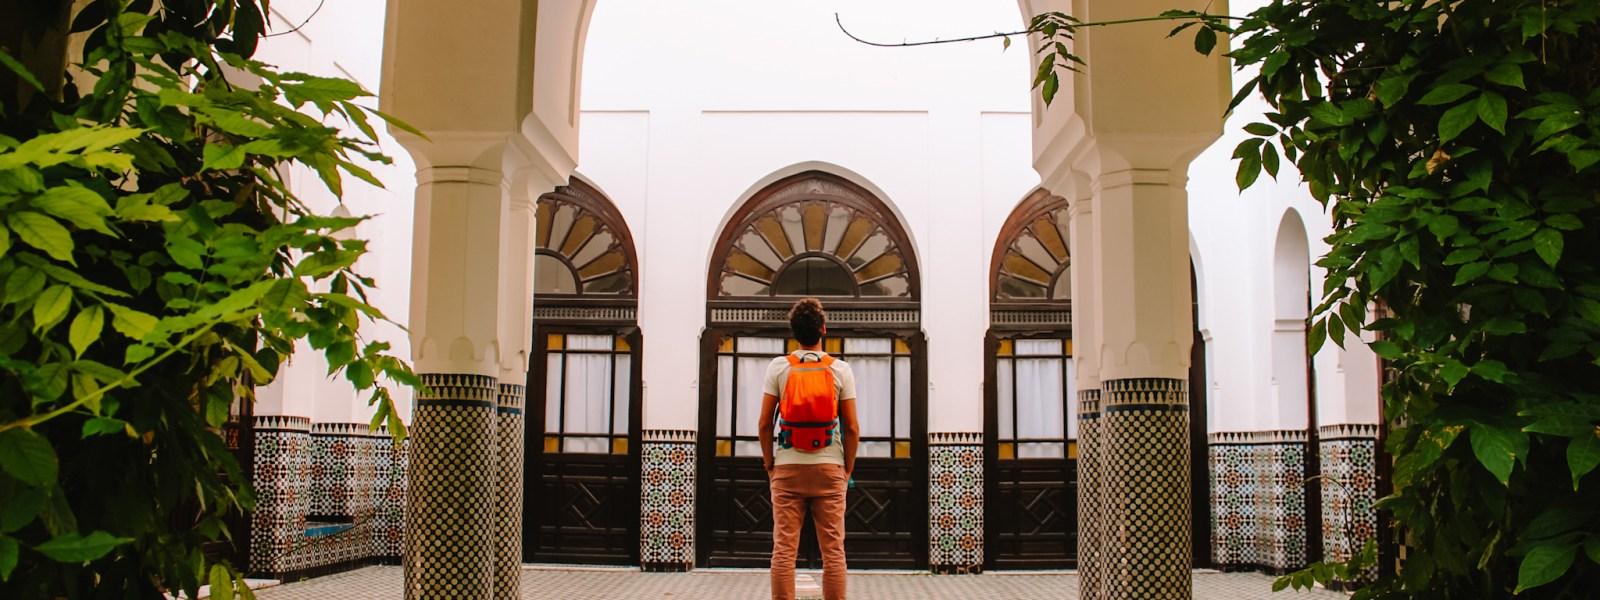 De Grote Moskee van Parijs: unieke en verborgen plek in Parijs